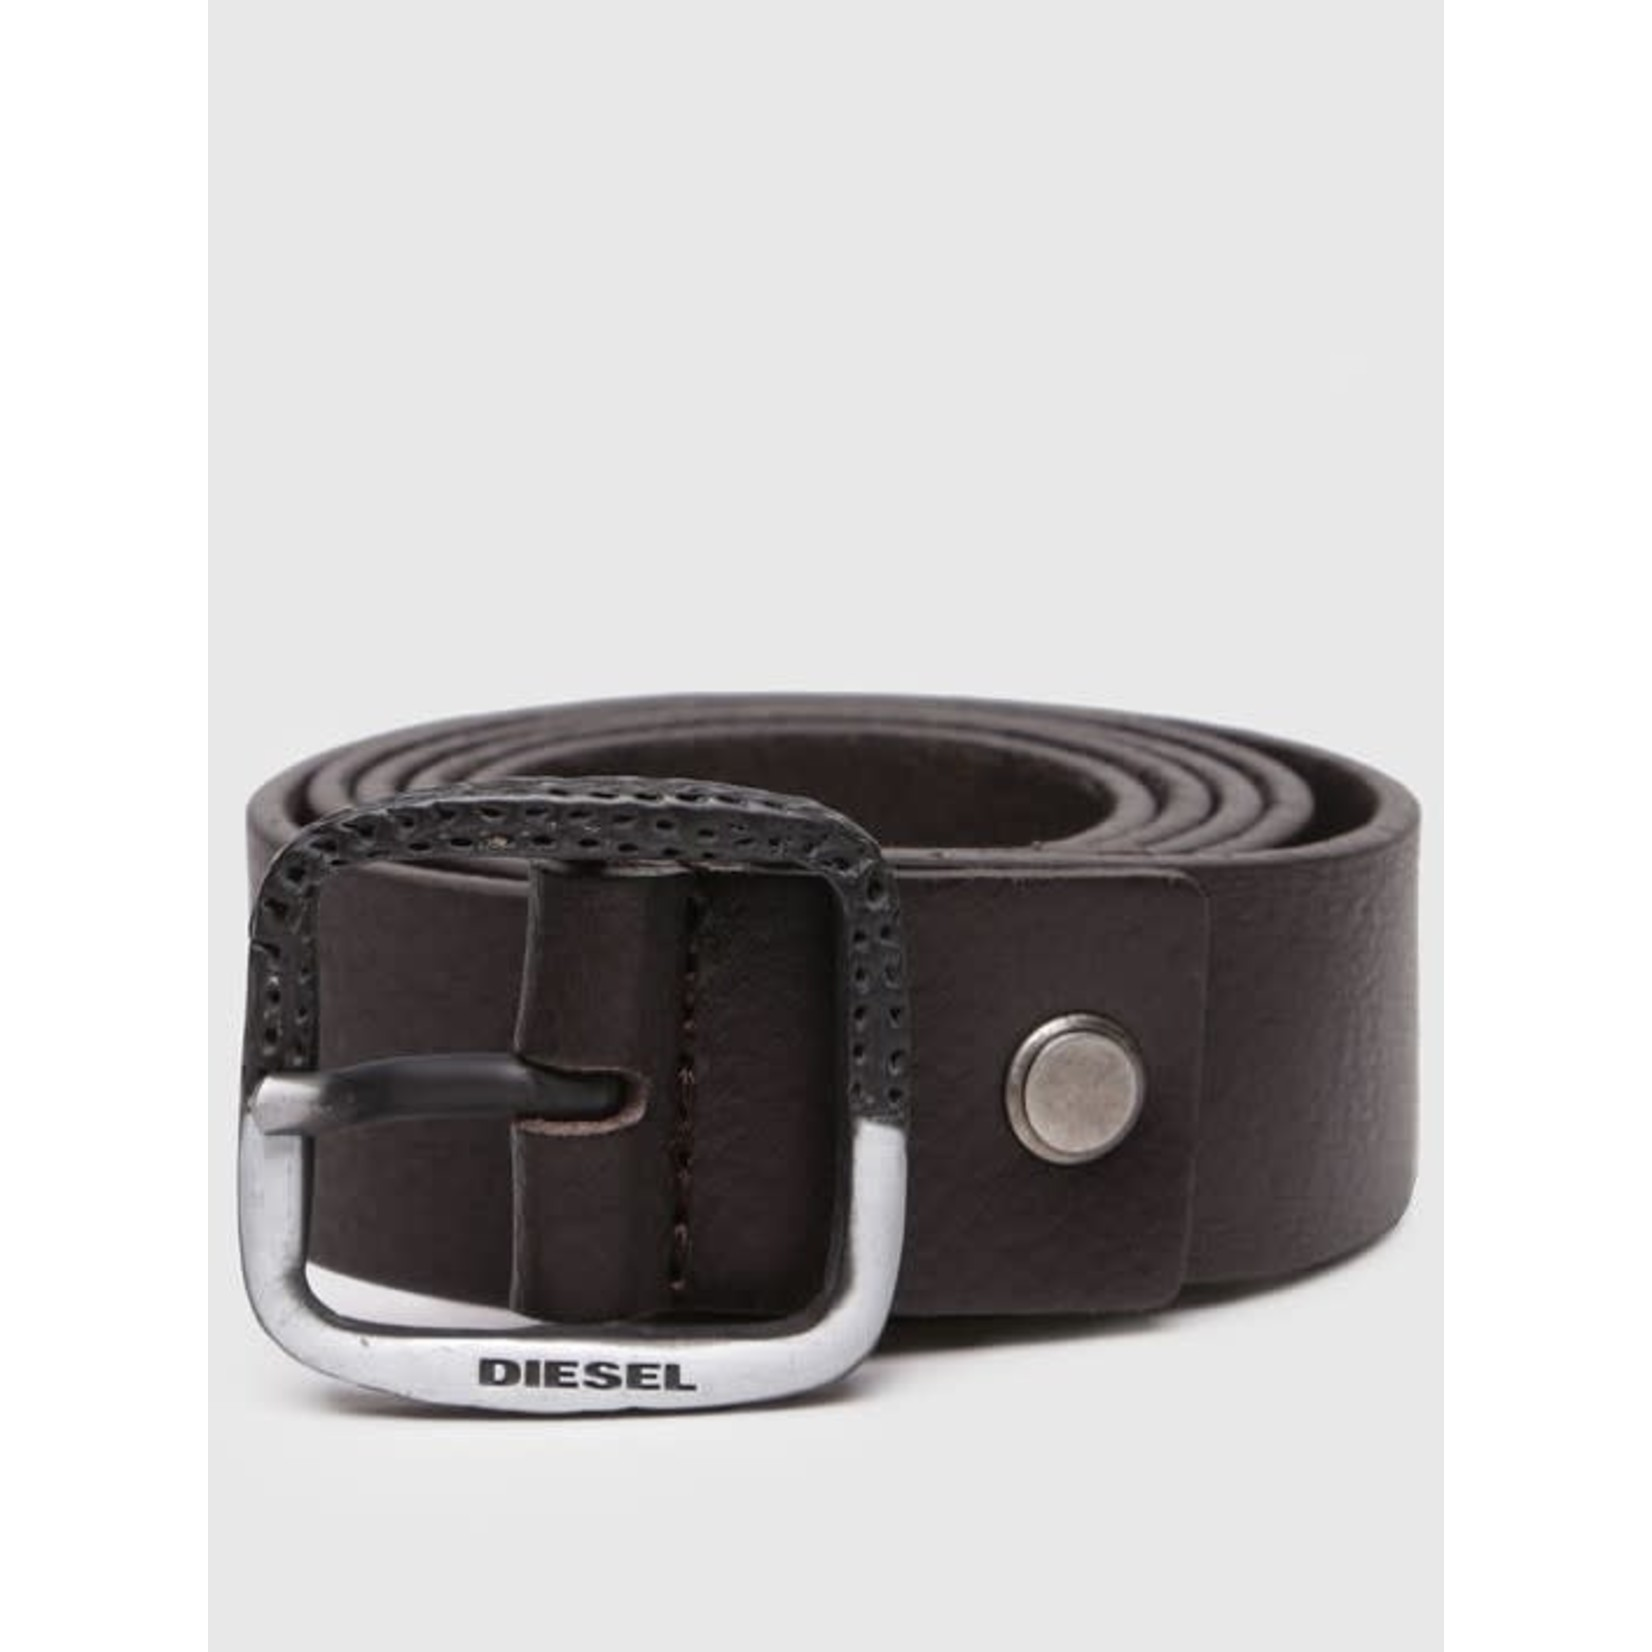 DIESEL Diesel - Men's Belt - Half